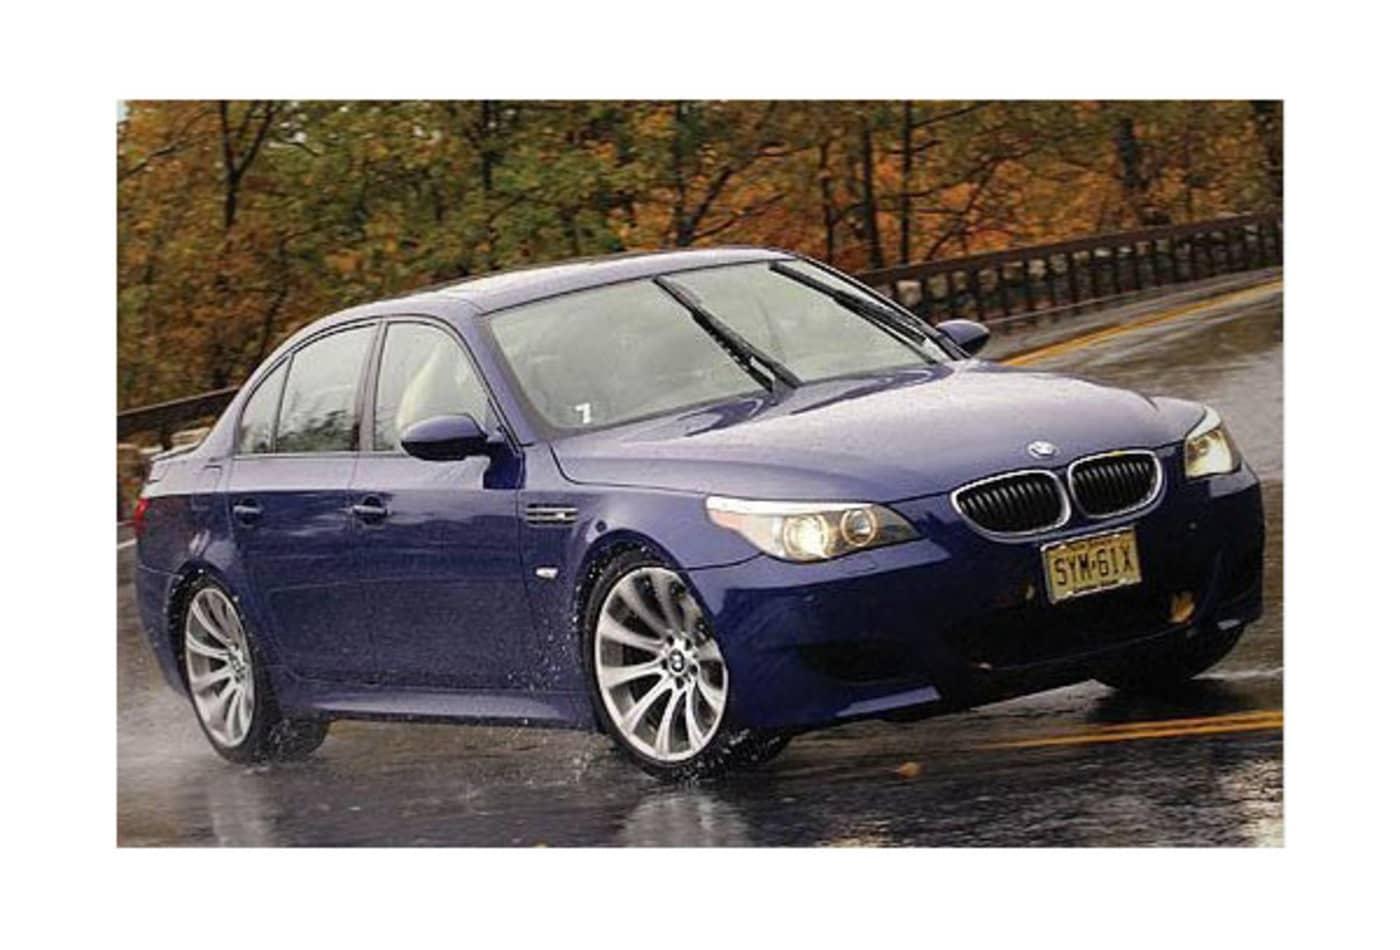 48438684 BMW-M5-Most-Stolen-Luxury-Cars-CNBC.jpg